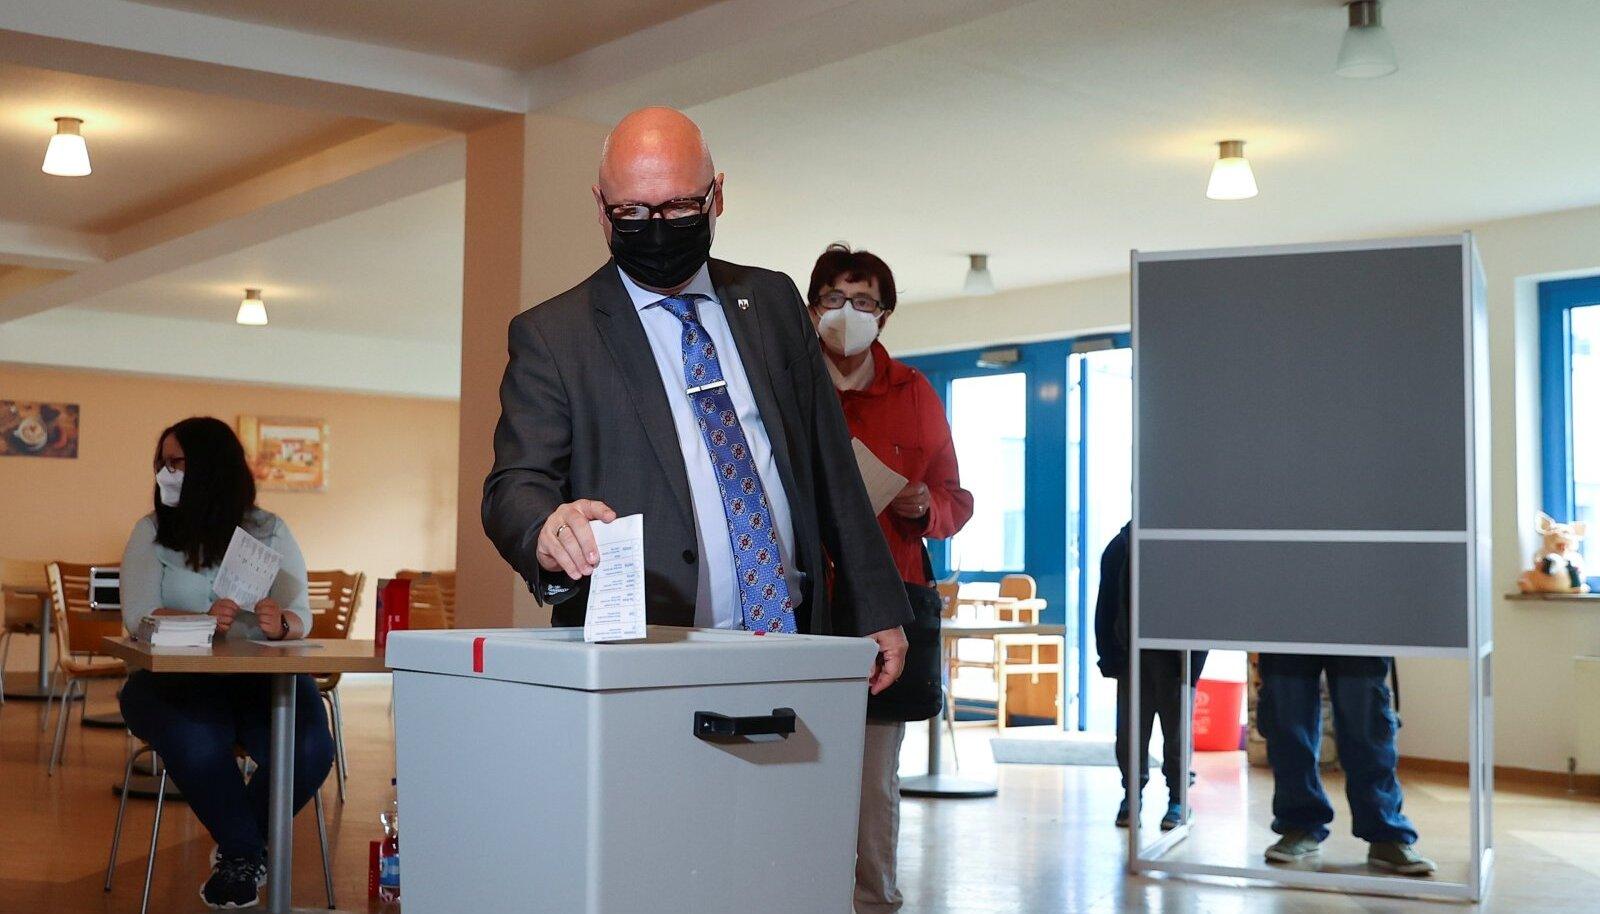 Saksi-Anhalti AfD liider Oliver Kirchner